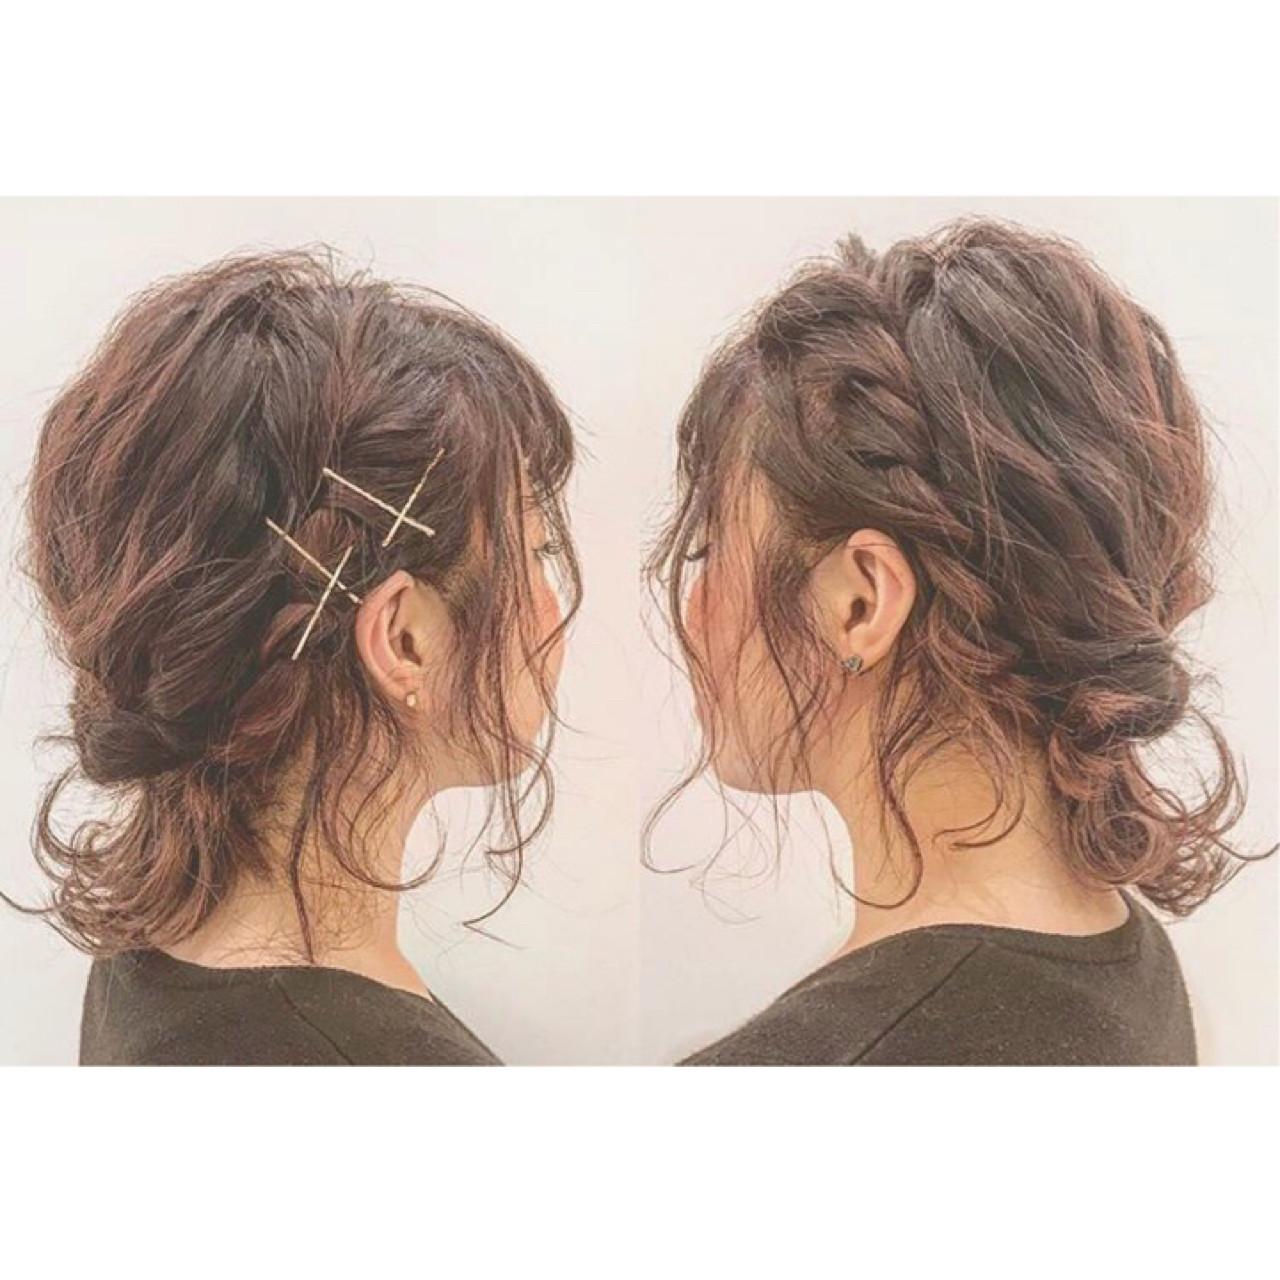 ヘアアレンジ ミディアム ガーリー ヘアスタイルや髪型の写真・画像